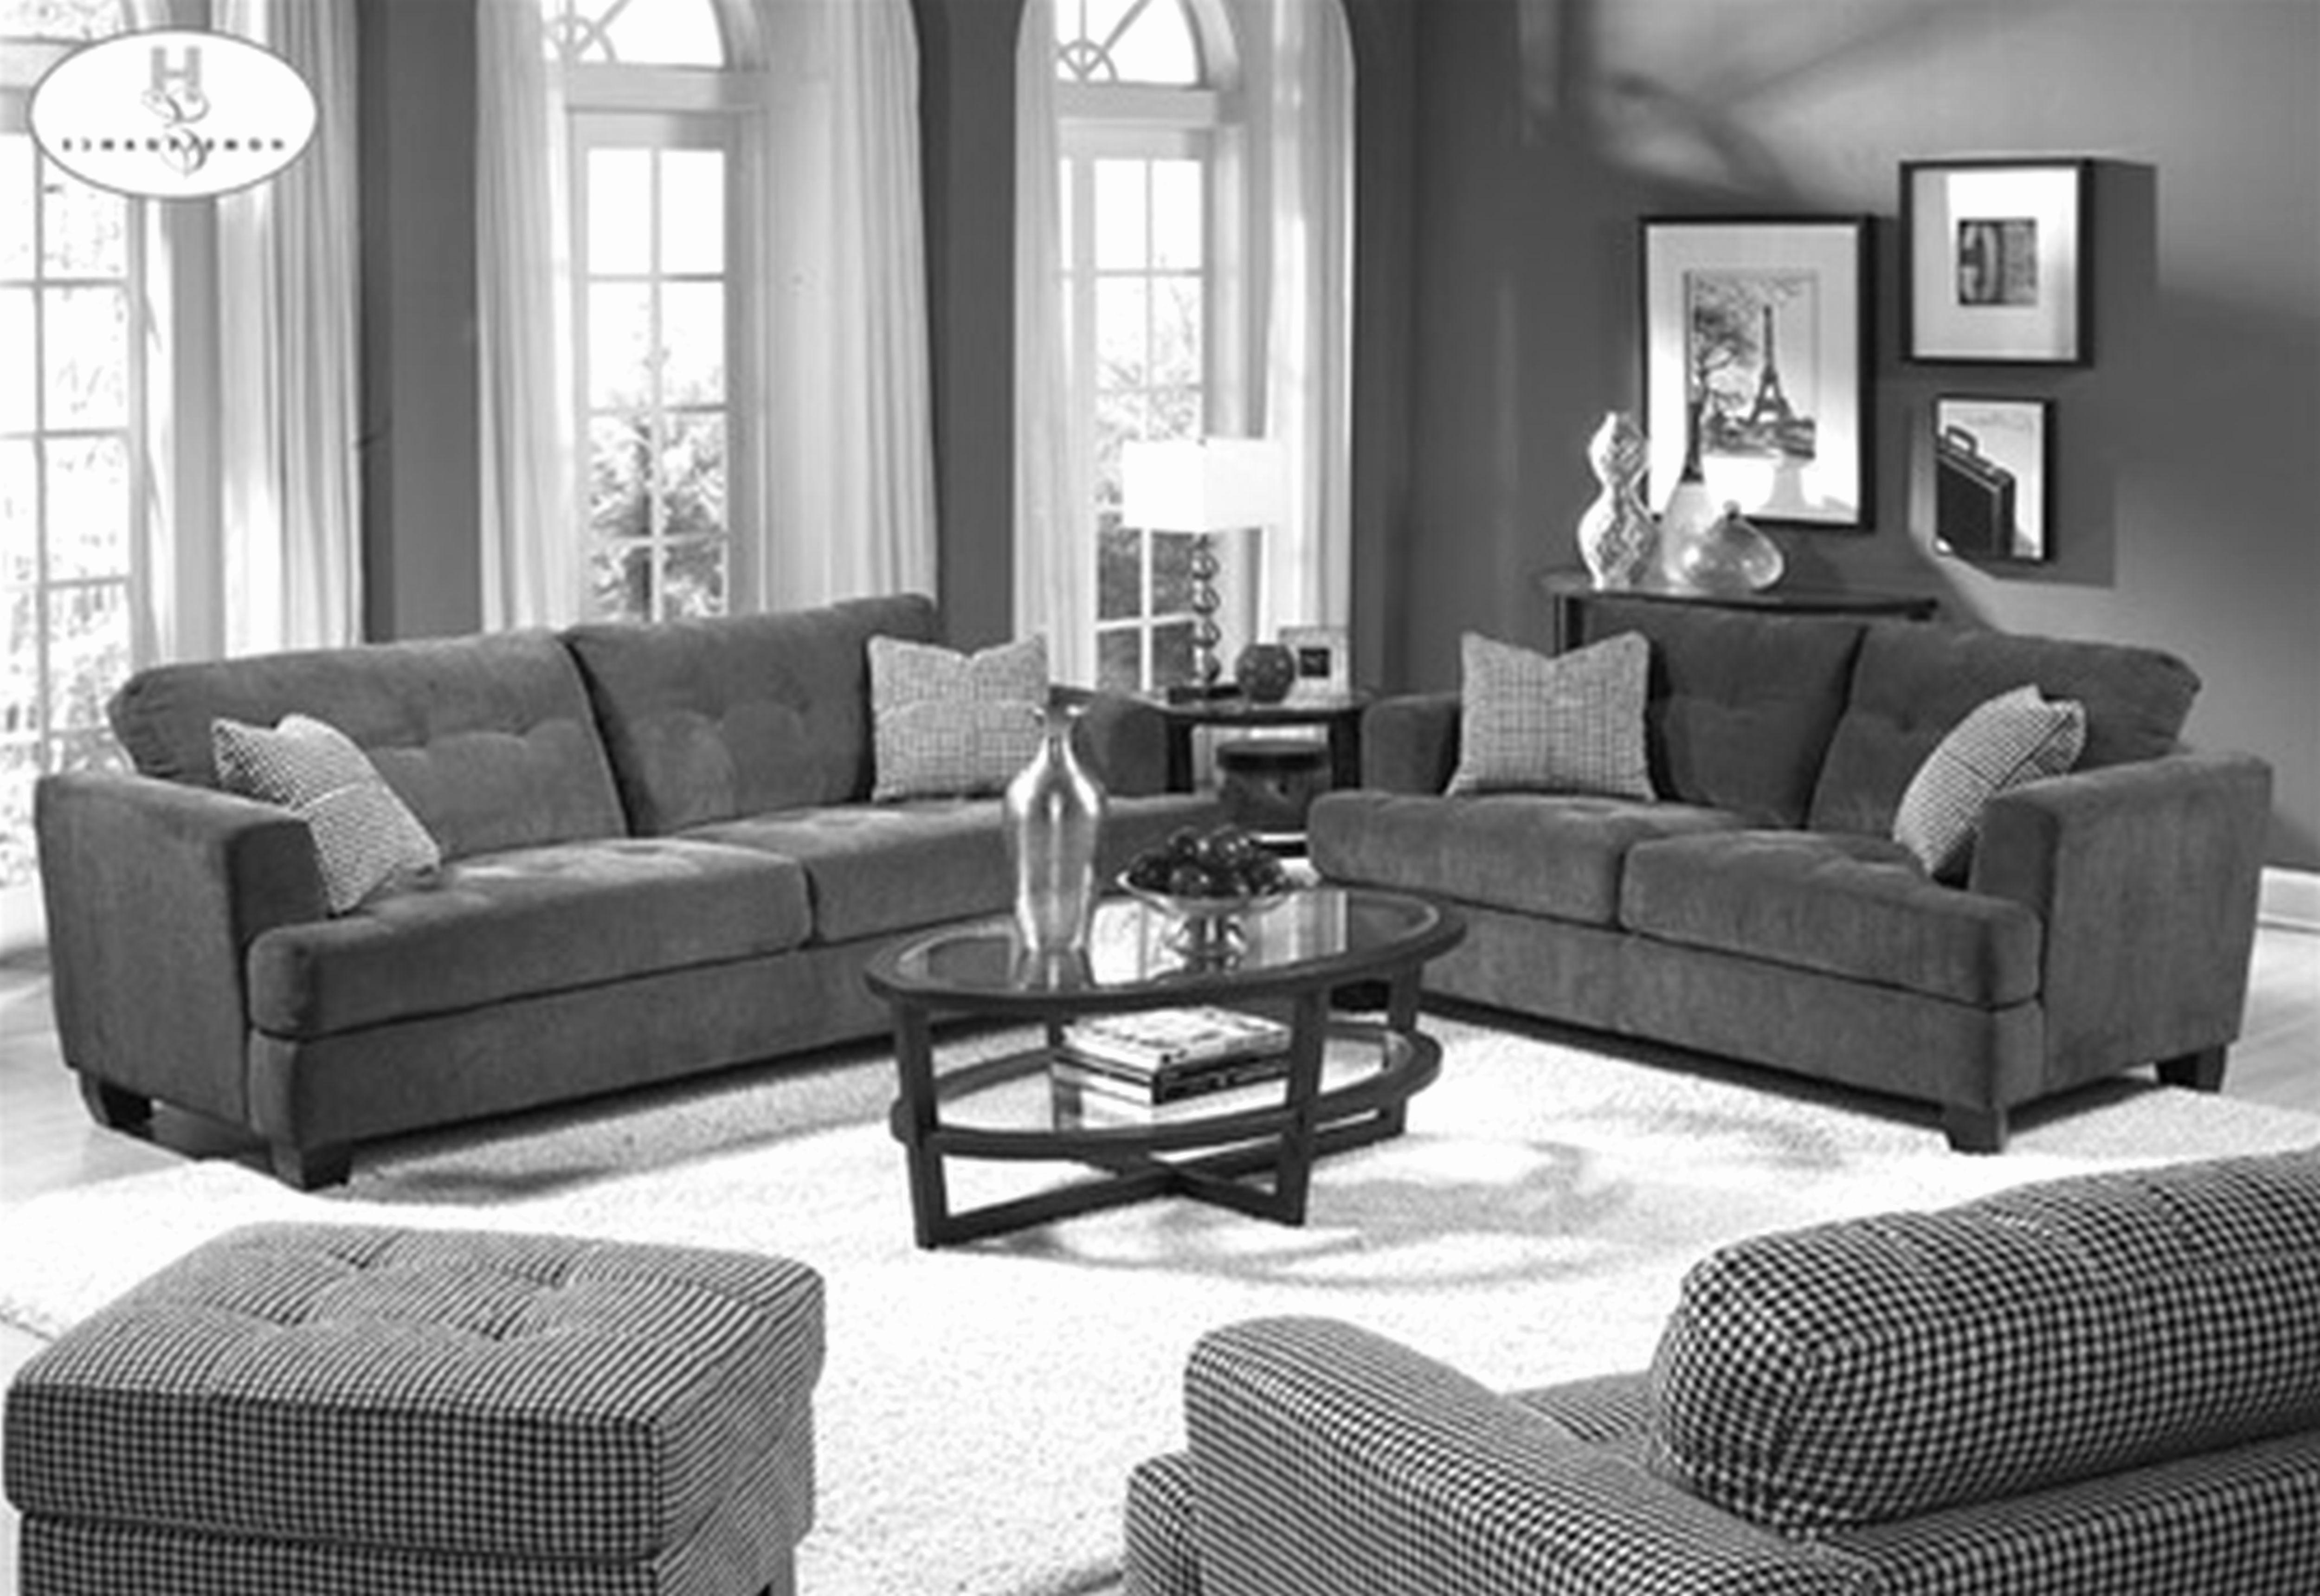 Luxury Velvet Sofa Set Pics Velvet Sofa Set Luxury Plush Grey Themes Living Room Design With Gr White Living Room Decor Living Room Grey Grey Couch Living Room